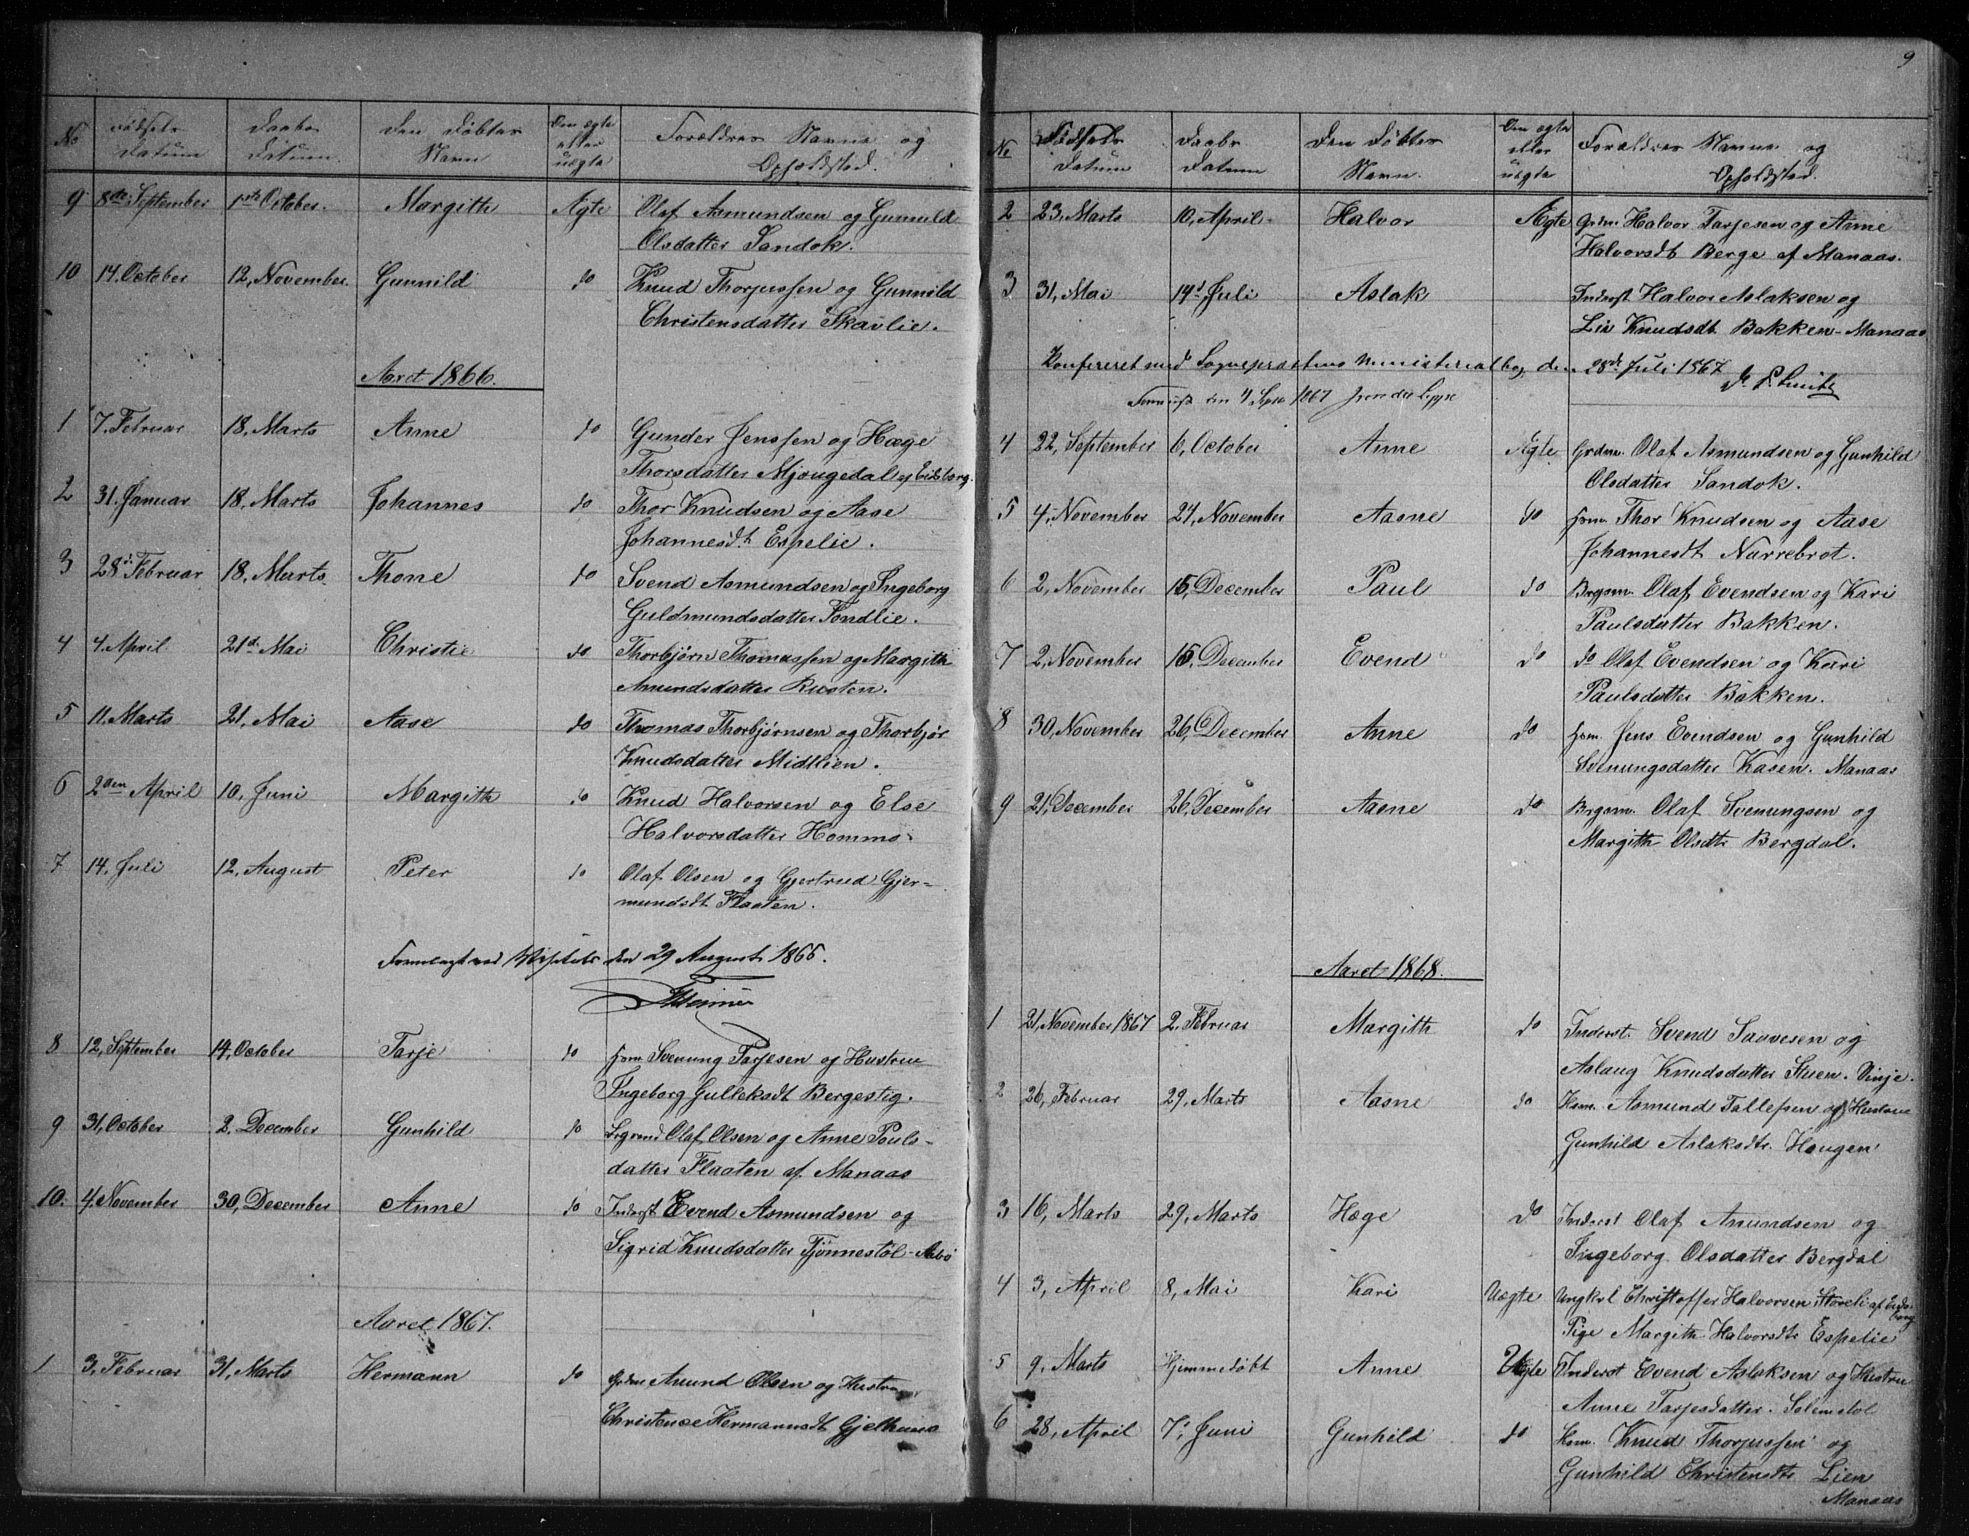 SAKO, Vinje kirkebøker, G/Gb/L0002: Klokkerbok nr. II 2, 1849-1891, s. 9